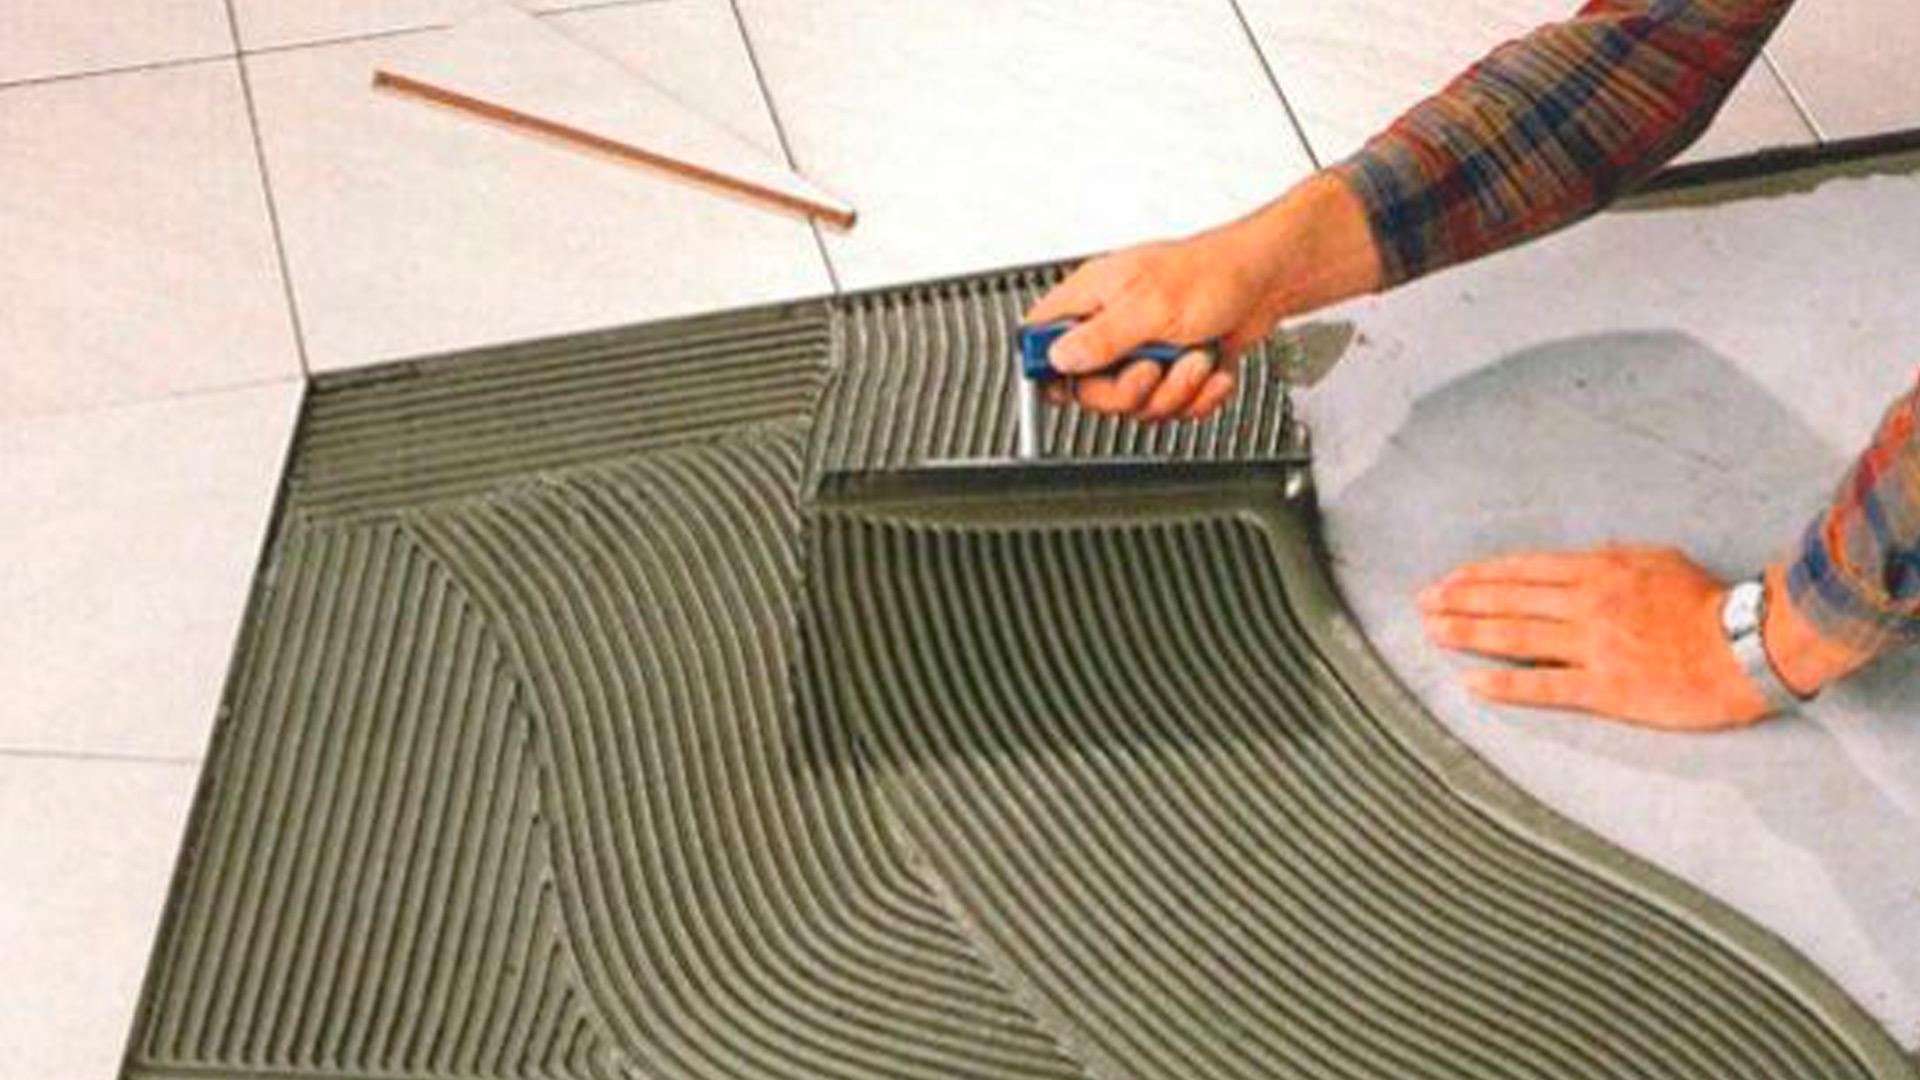 Desempenadeira de Aço Dentada P/ Pastilha 12 x 26 cm - CORTAG